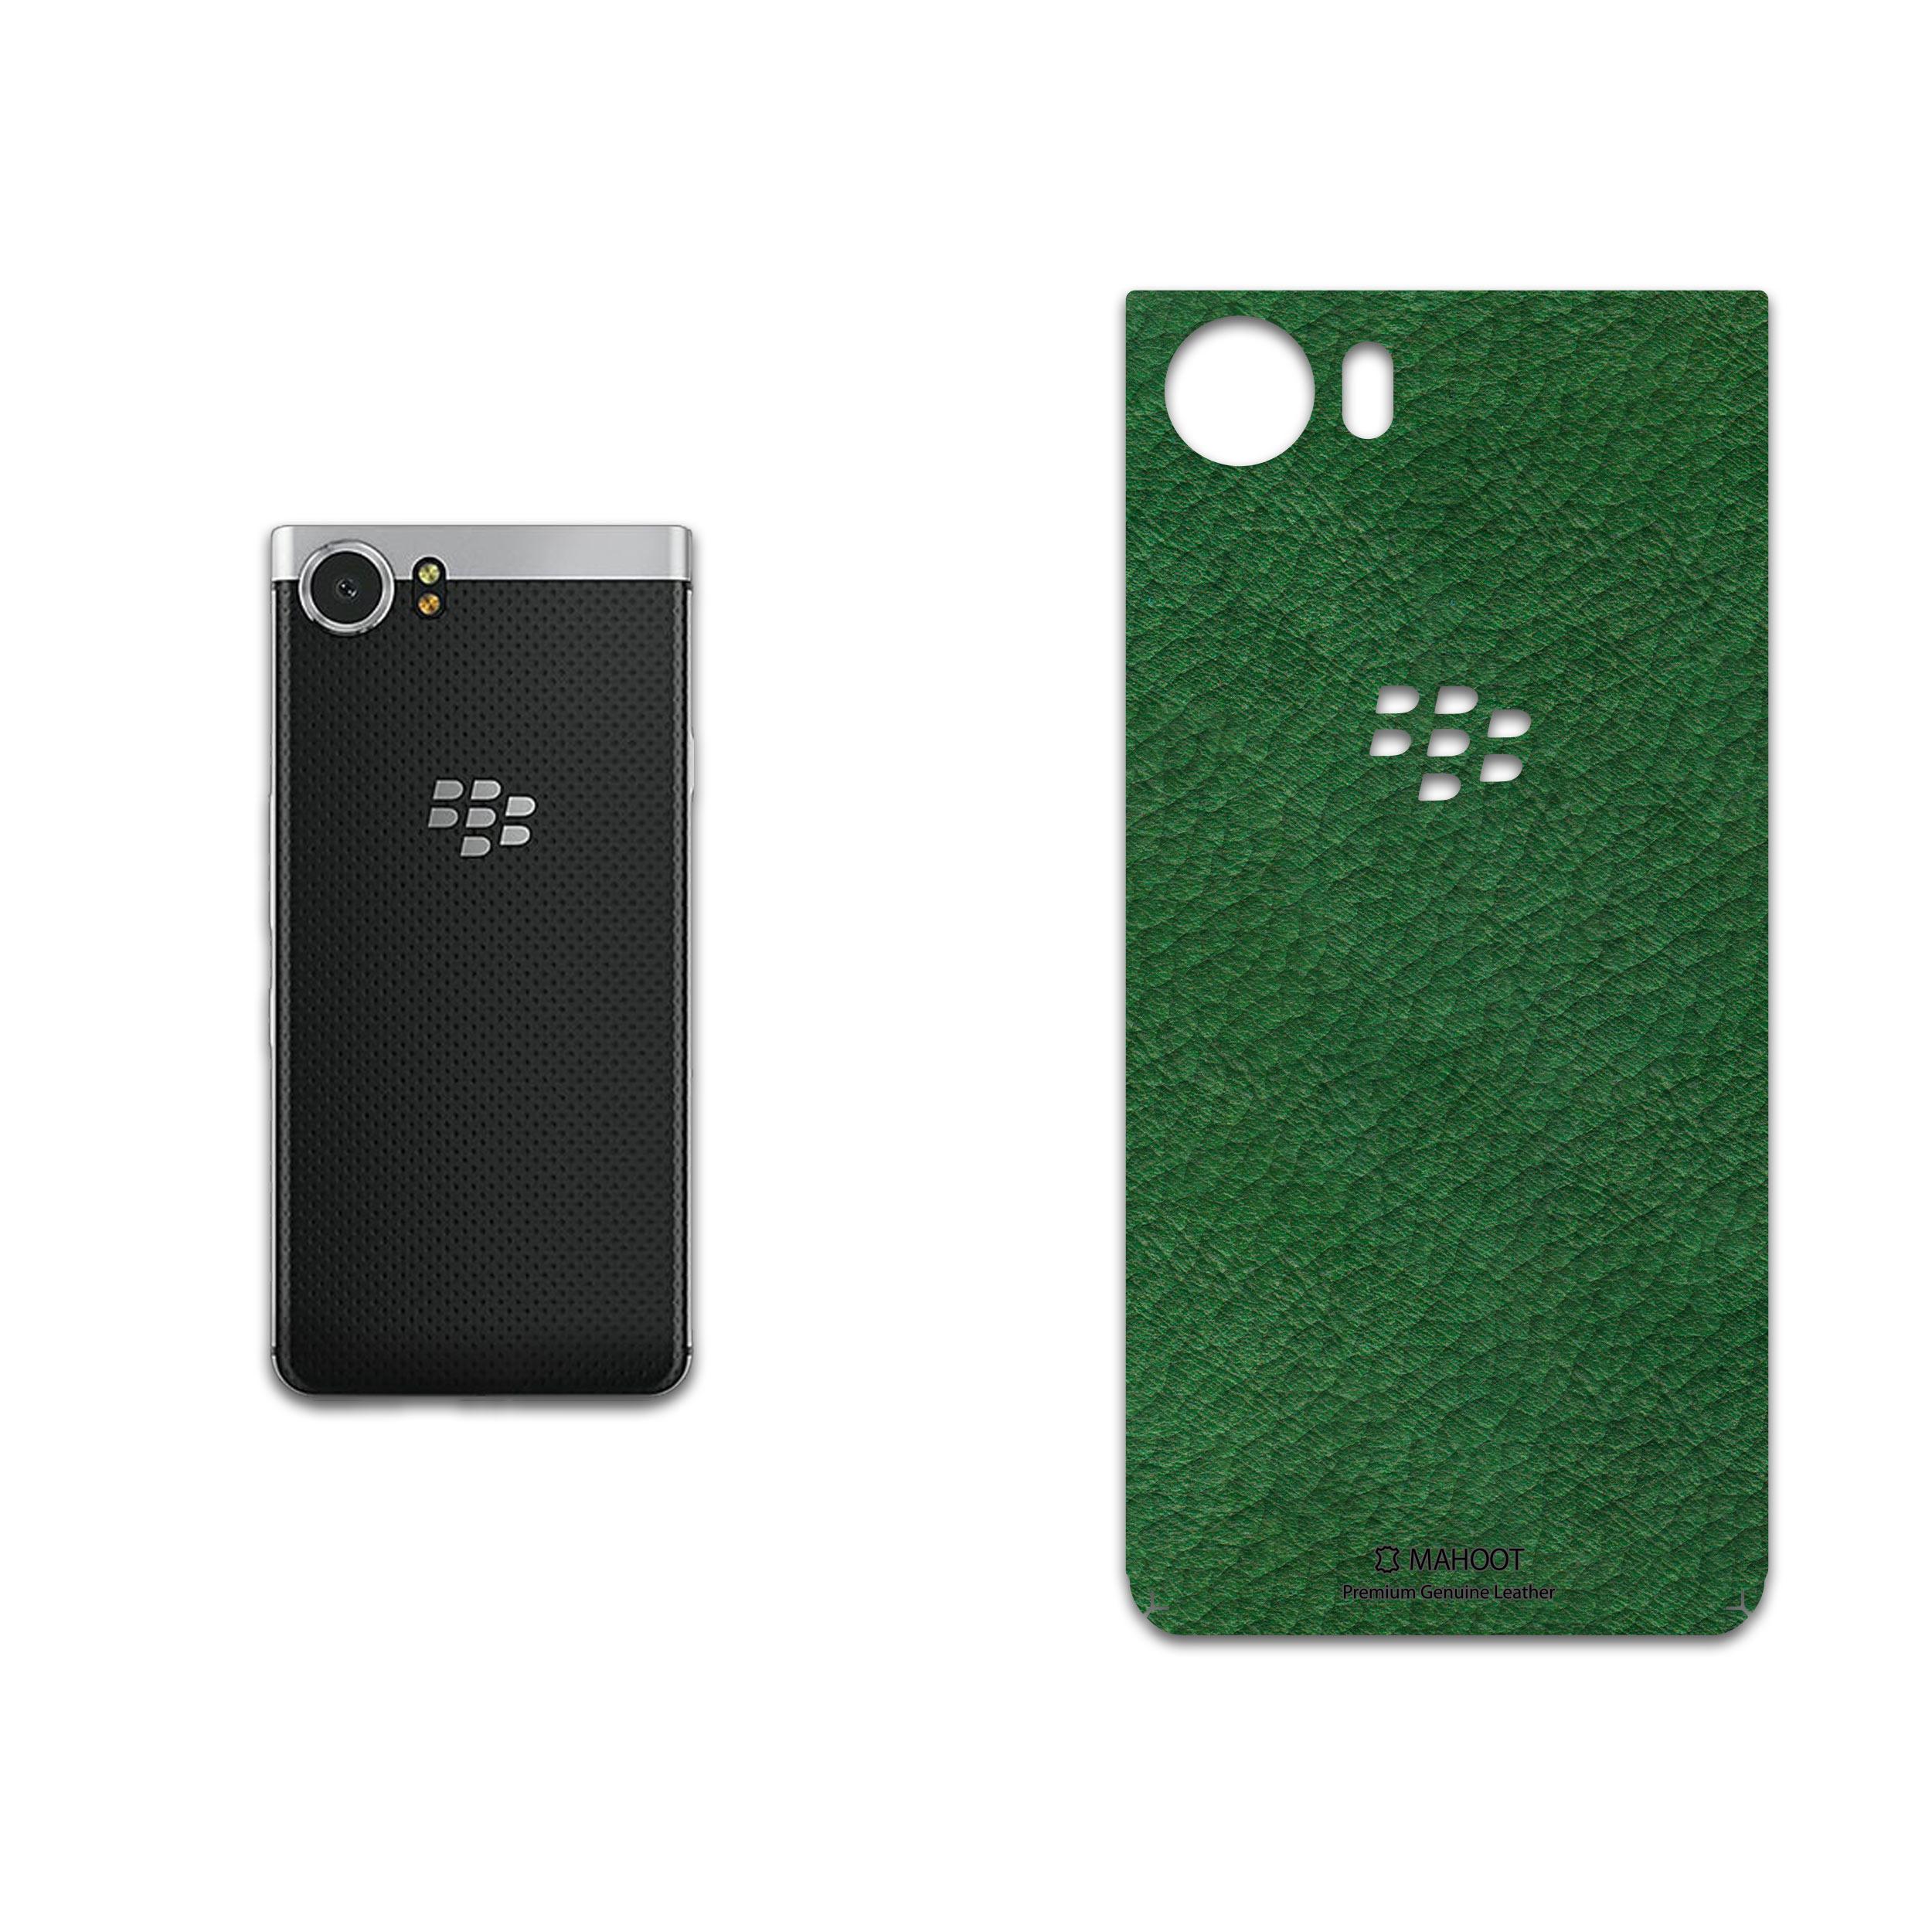 برچسب پوششی ماهوت مدل Green-Leather مناسب برای گوشی موبایل بلک بری Keyone-DTEK70